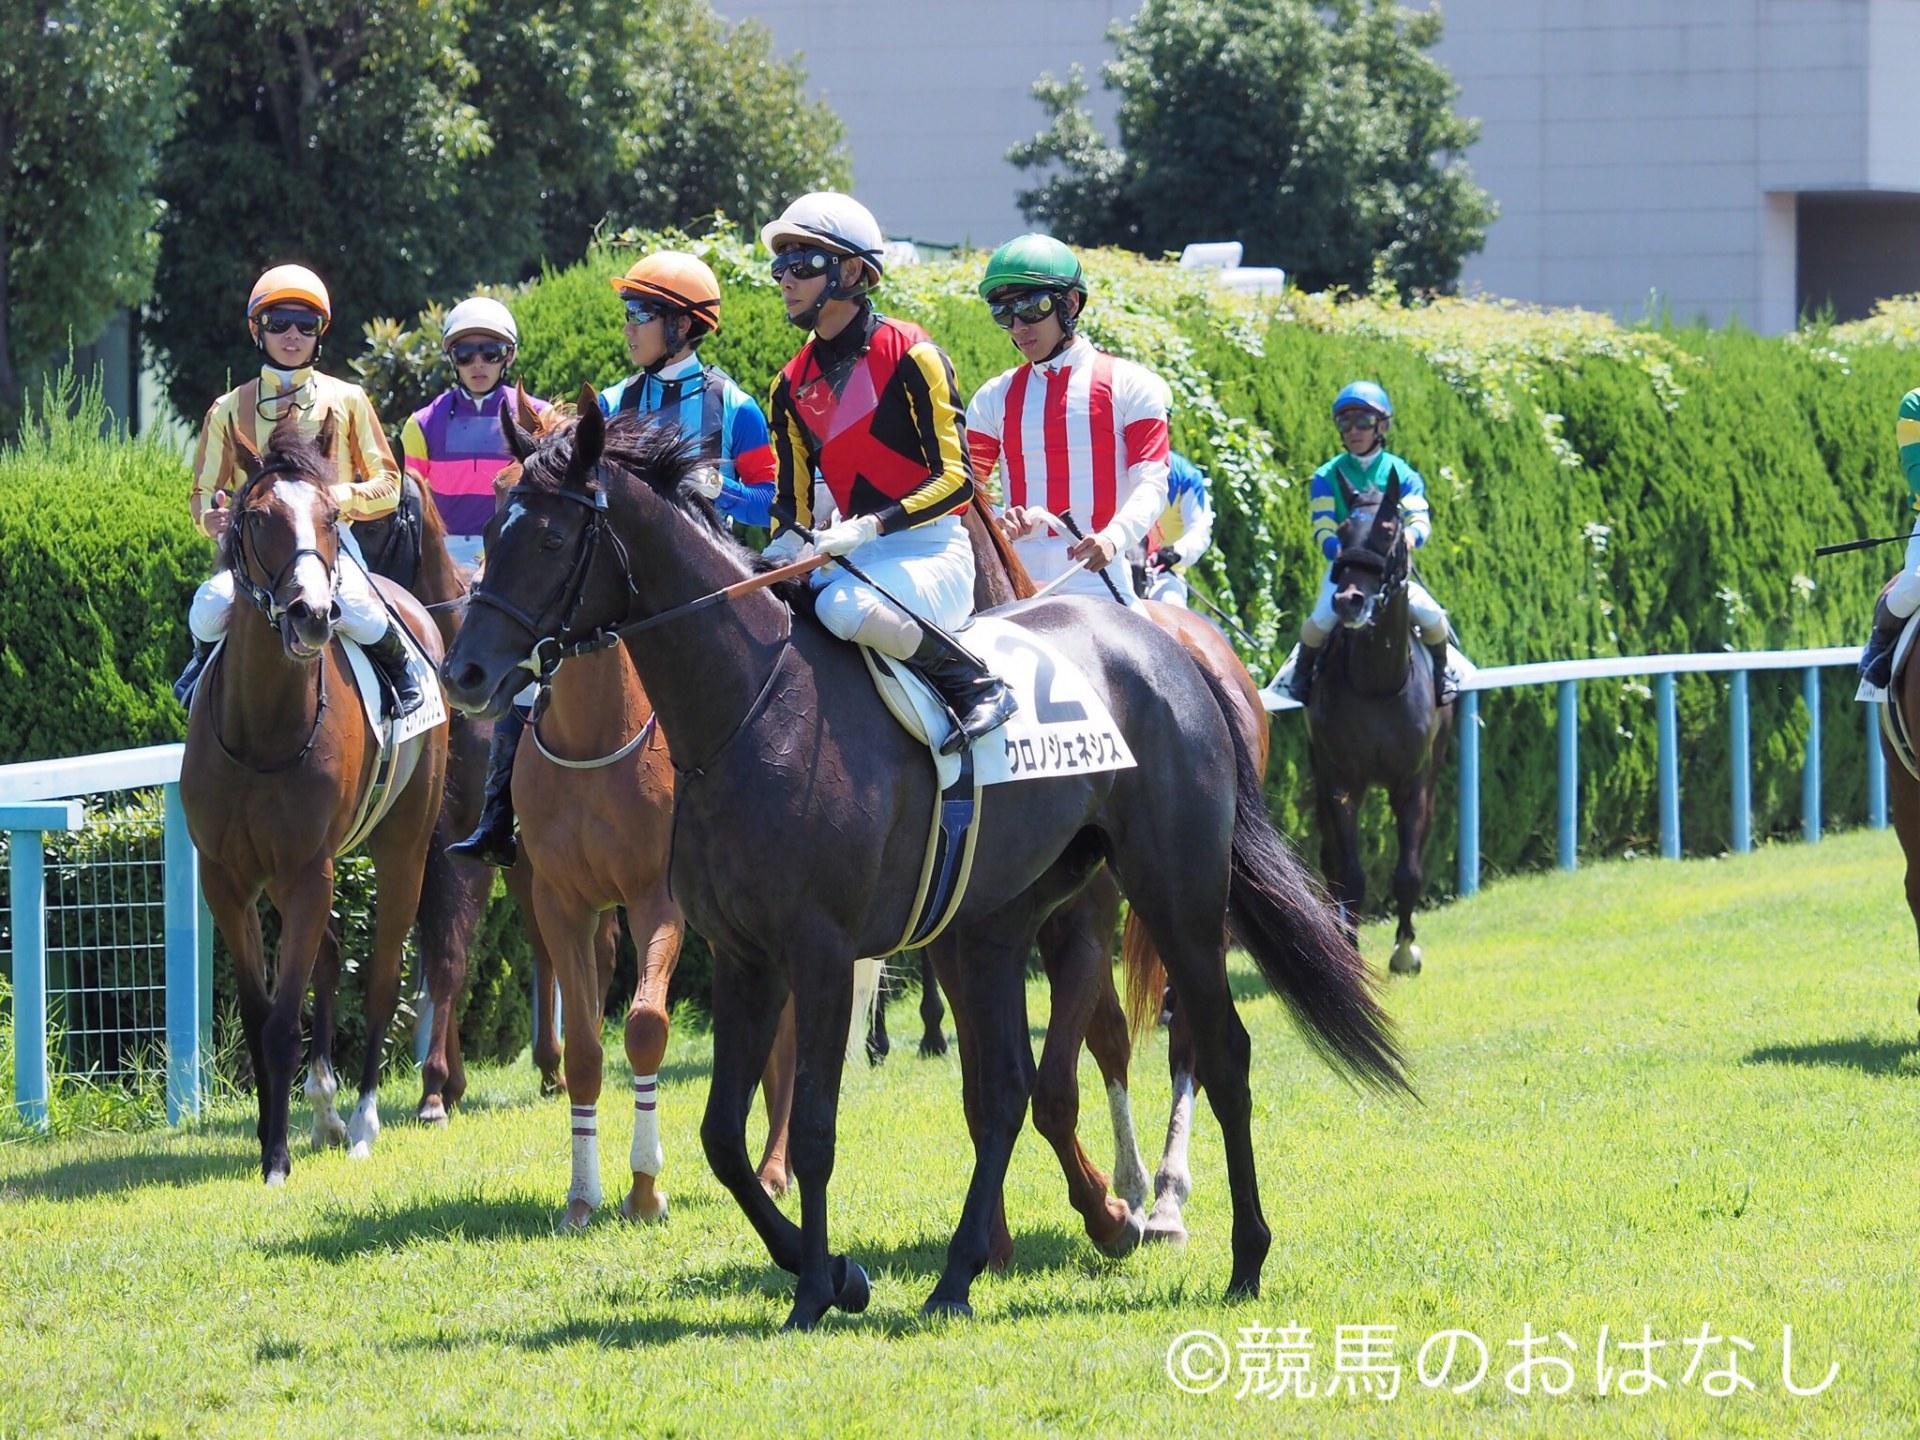 【小倉新馬戦】北村友「雰囲気も良かった」クロノジェネシスがデビューV!